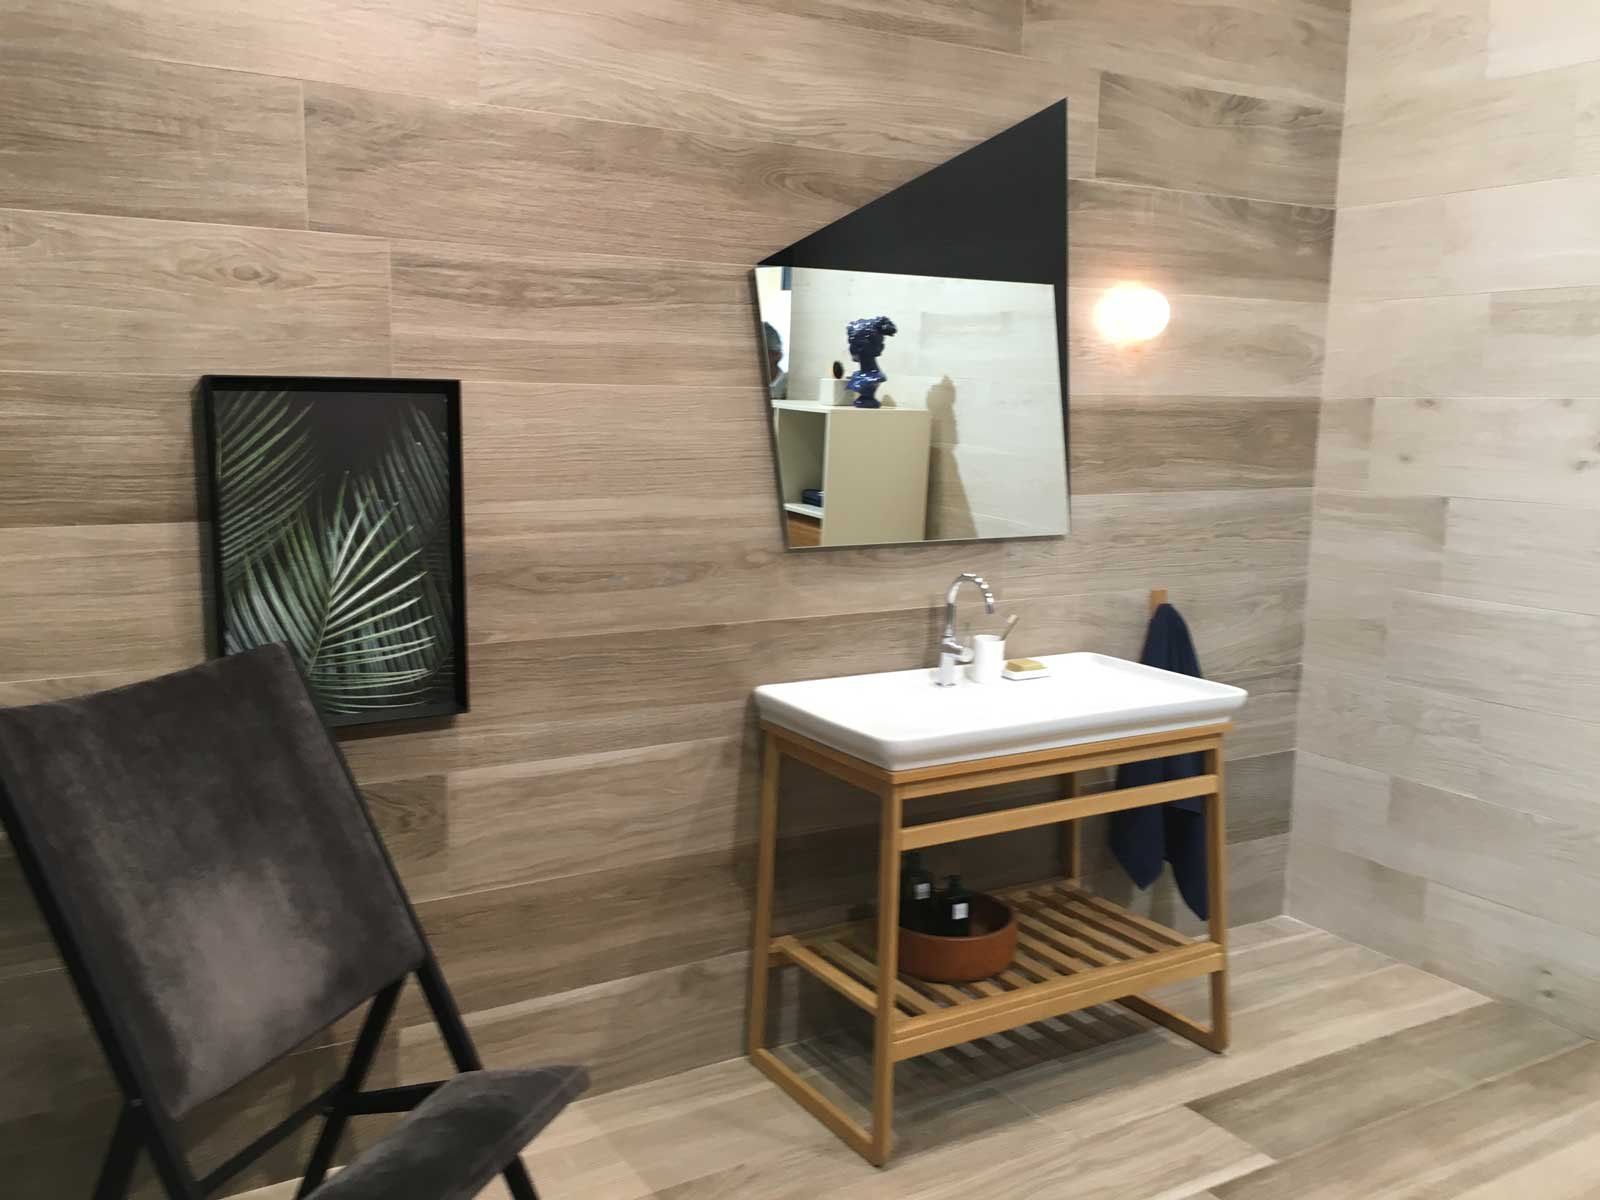 Piastrelle effetto legno anche a parete cose di casa